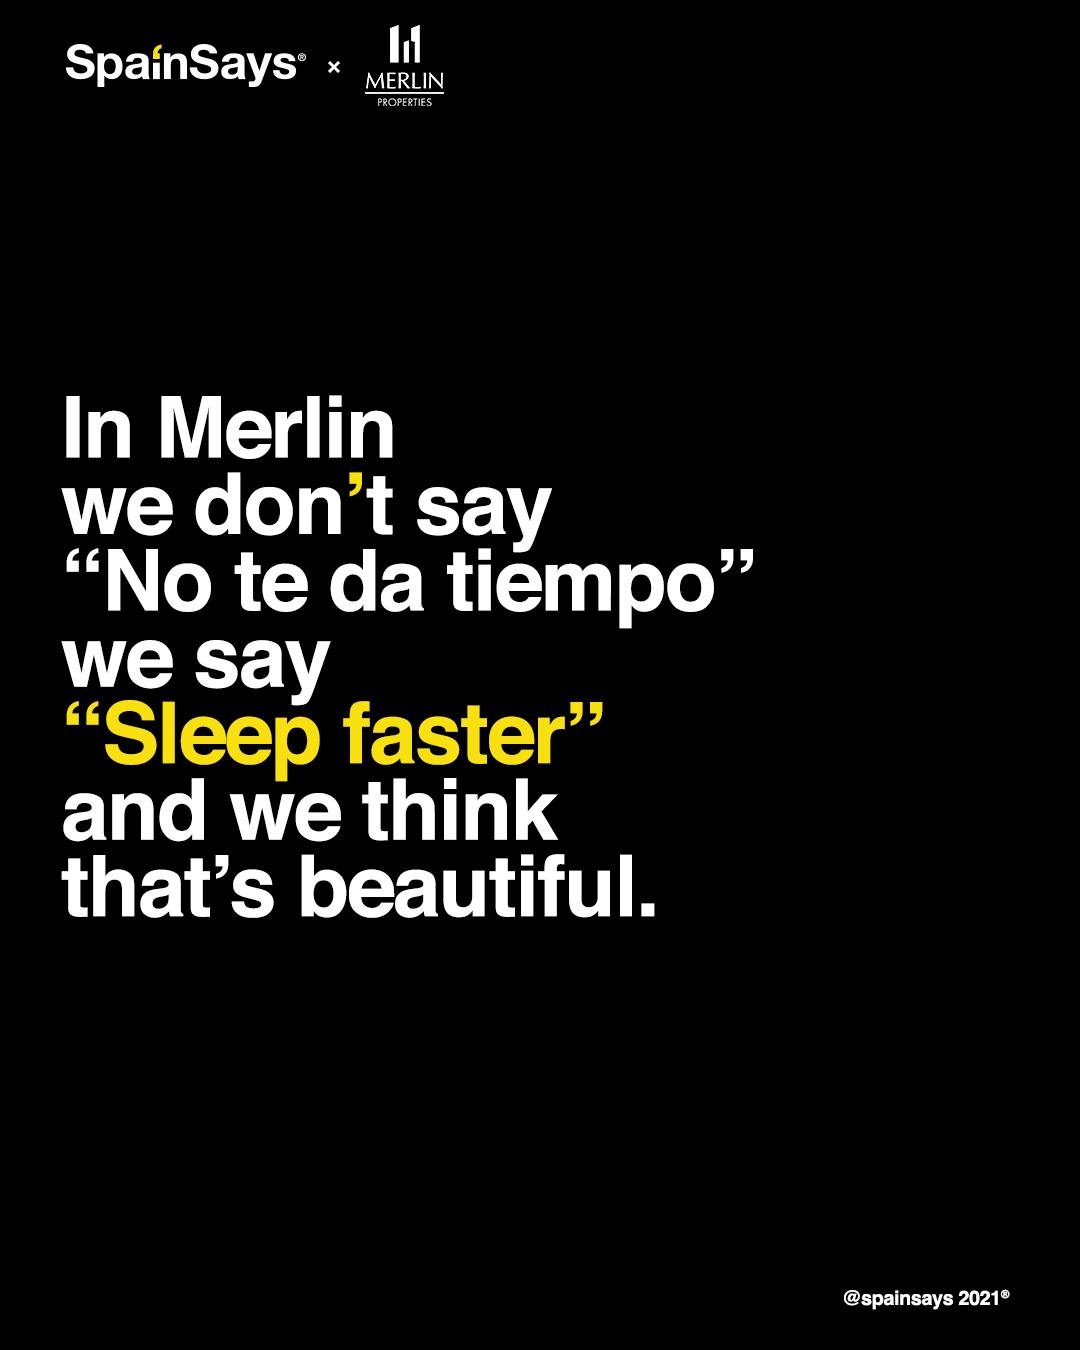 Los centros comerciales de Merlin Properties colaboran con SpainSays para una campaña de publicidad - Just Retail